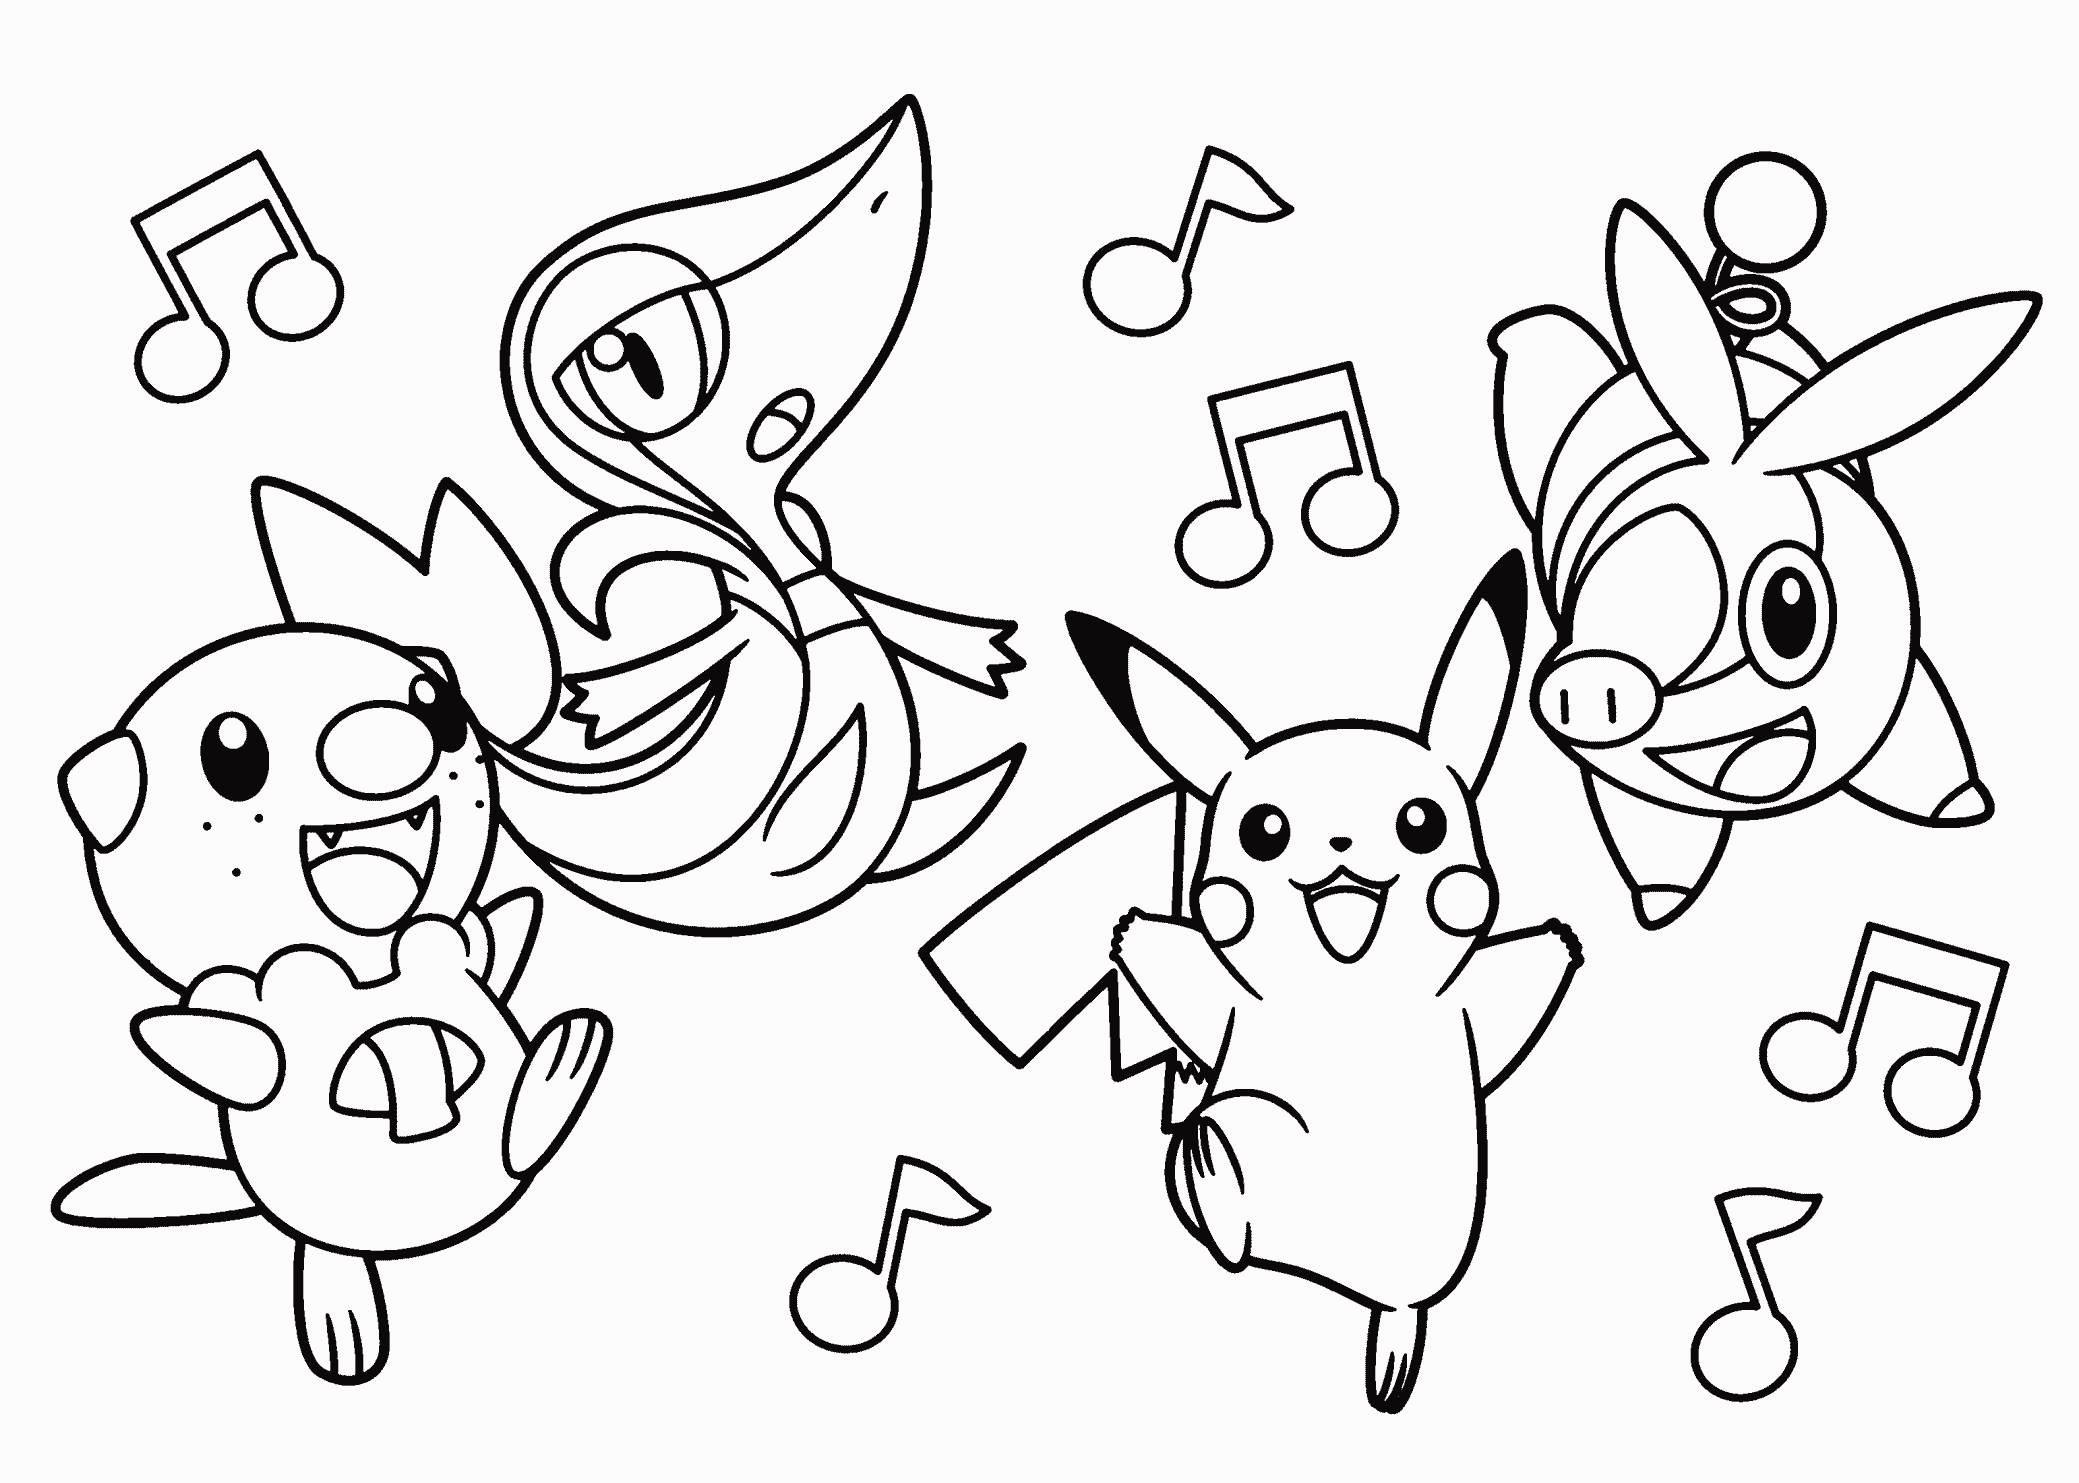 Ausmalbilder Pokemon Xy Genial Ausmalbilder Pokemon Kostenlos Das Beste Von Disegni Free Stock